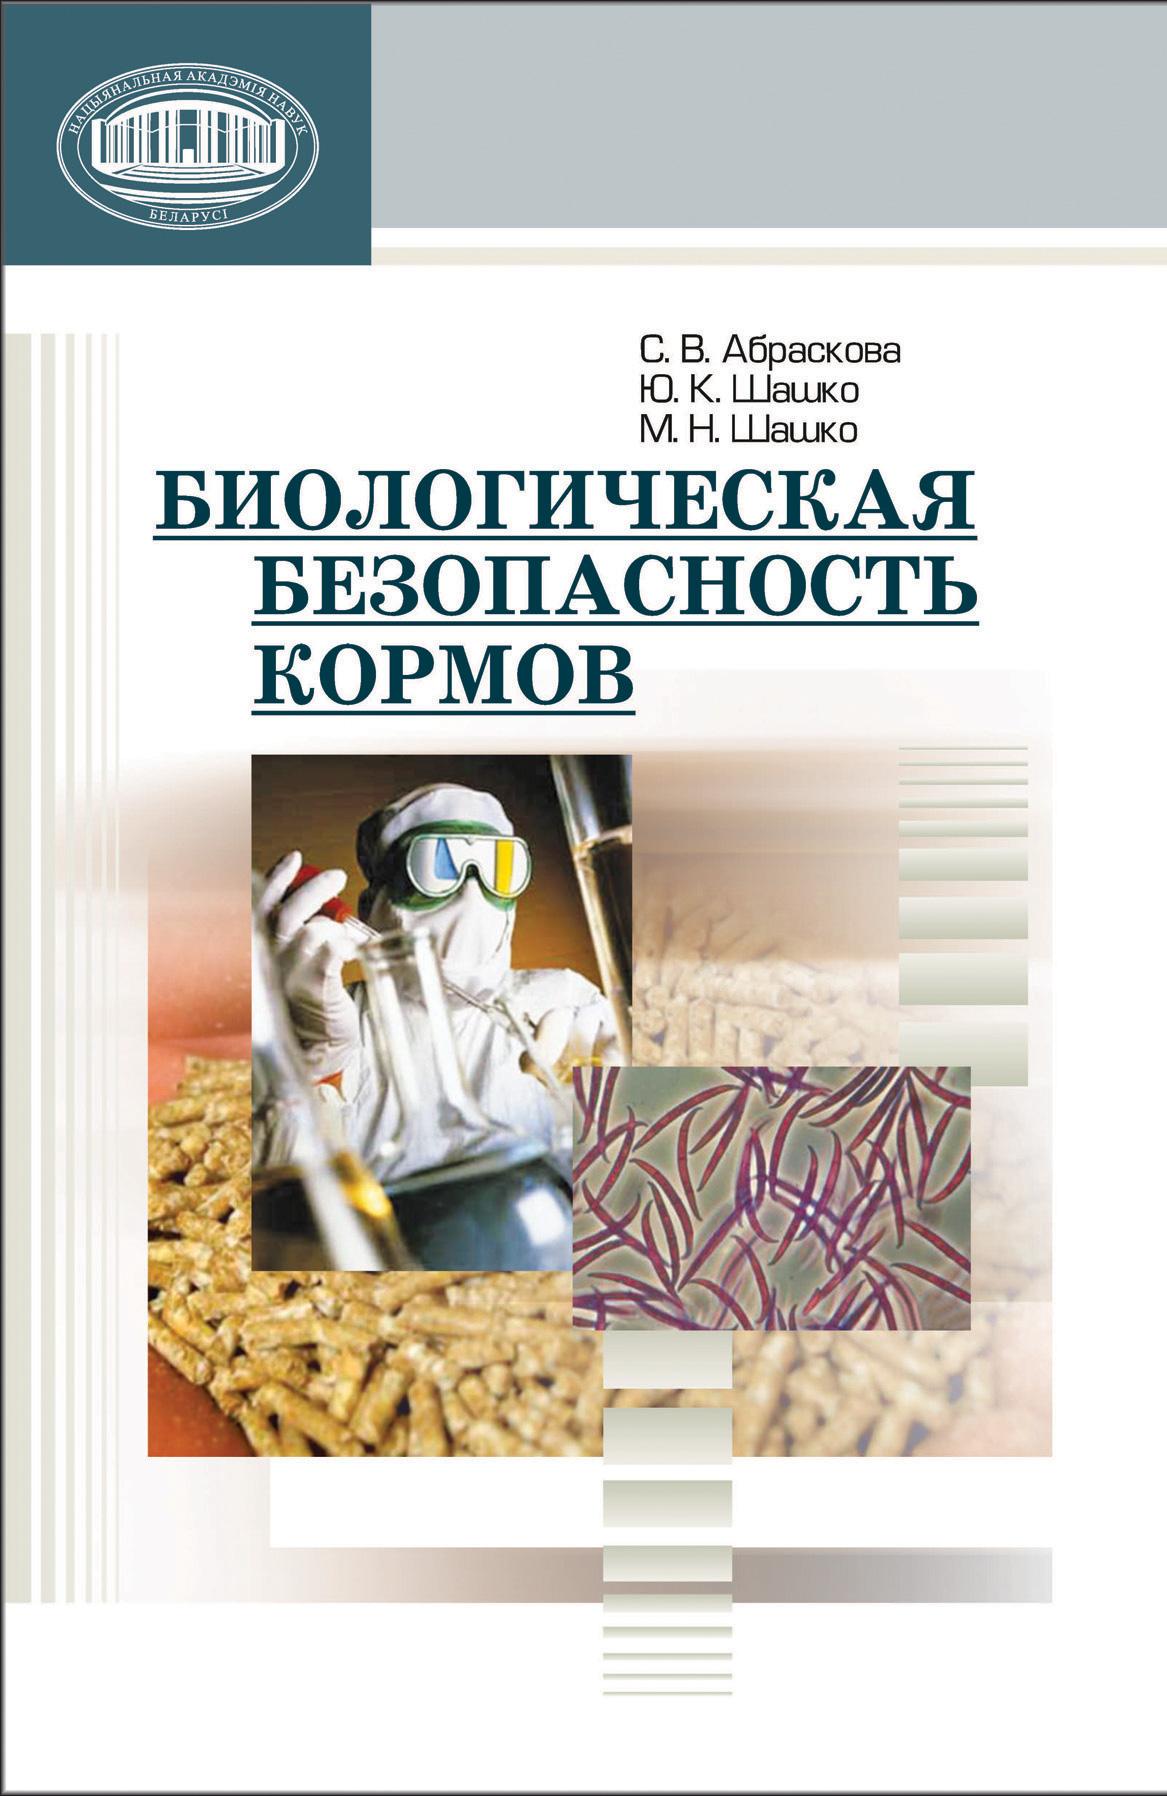 М. Н. Шашко Биологическая безопасность кормов